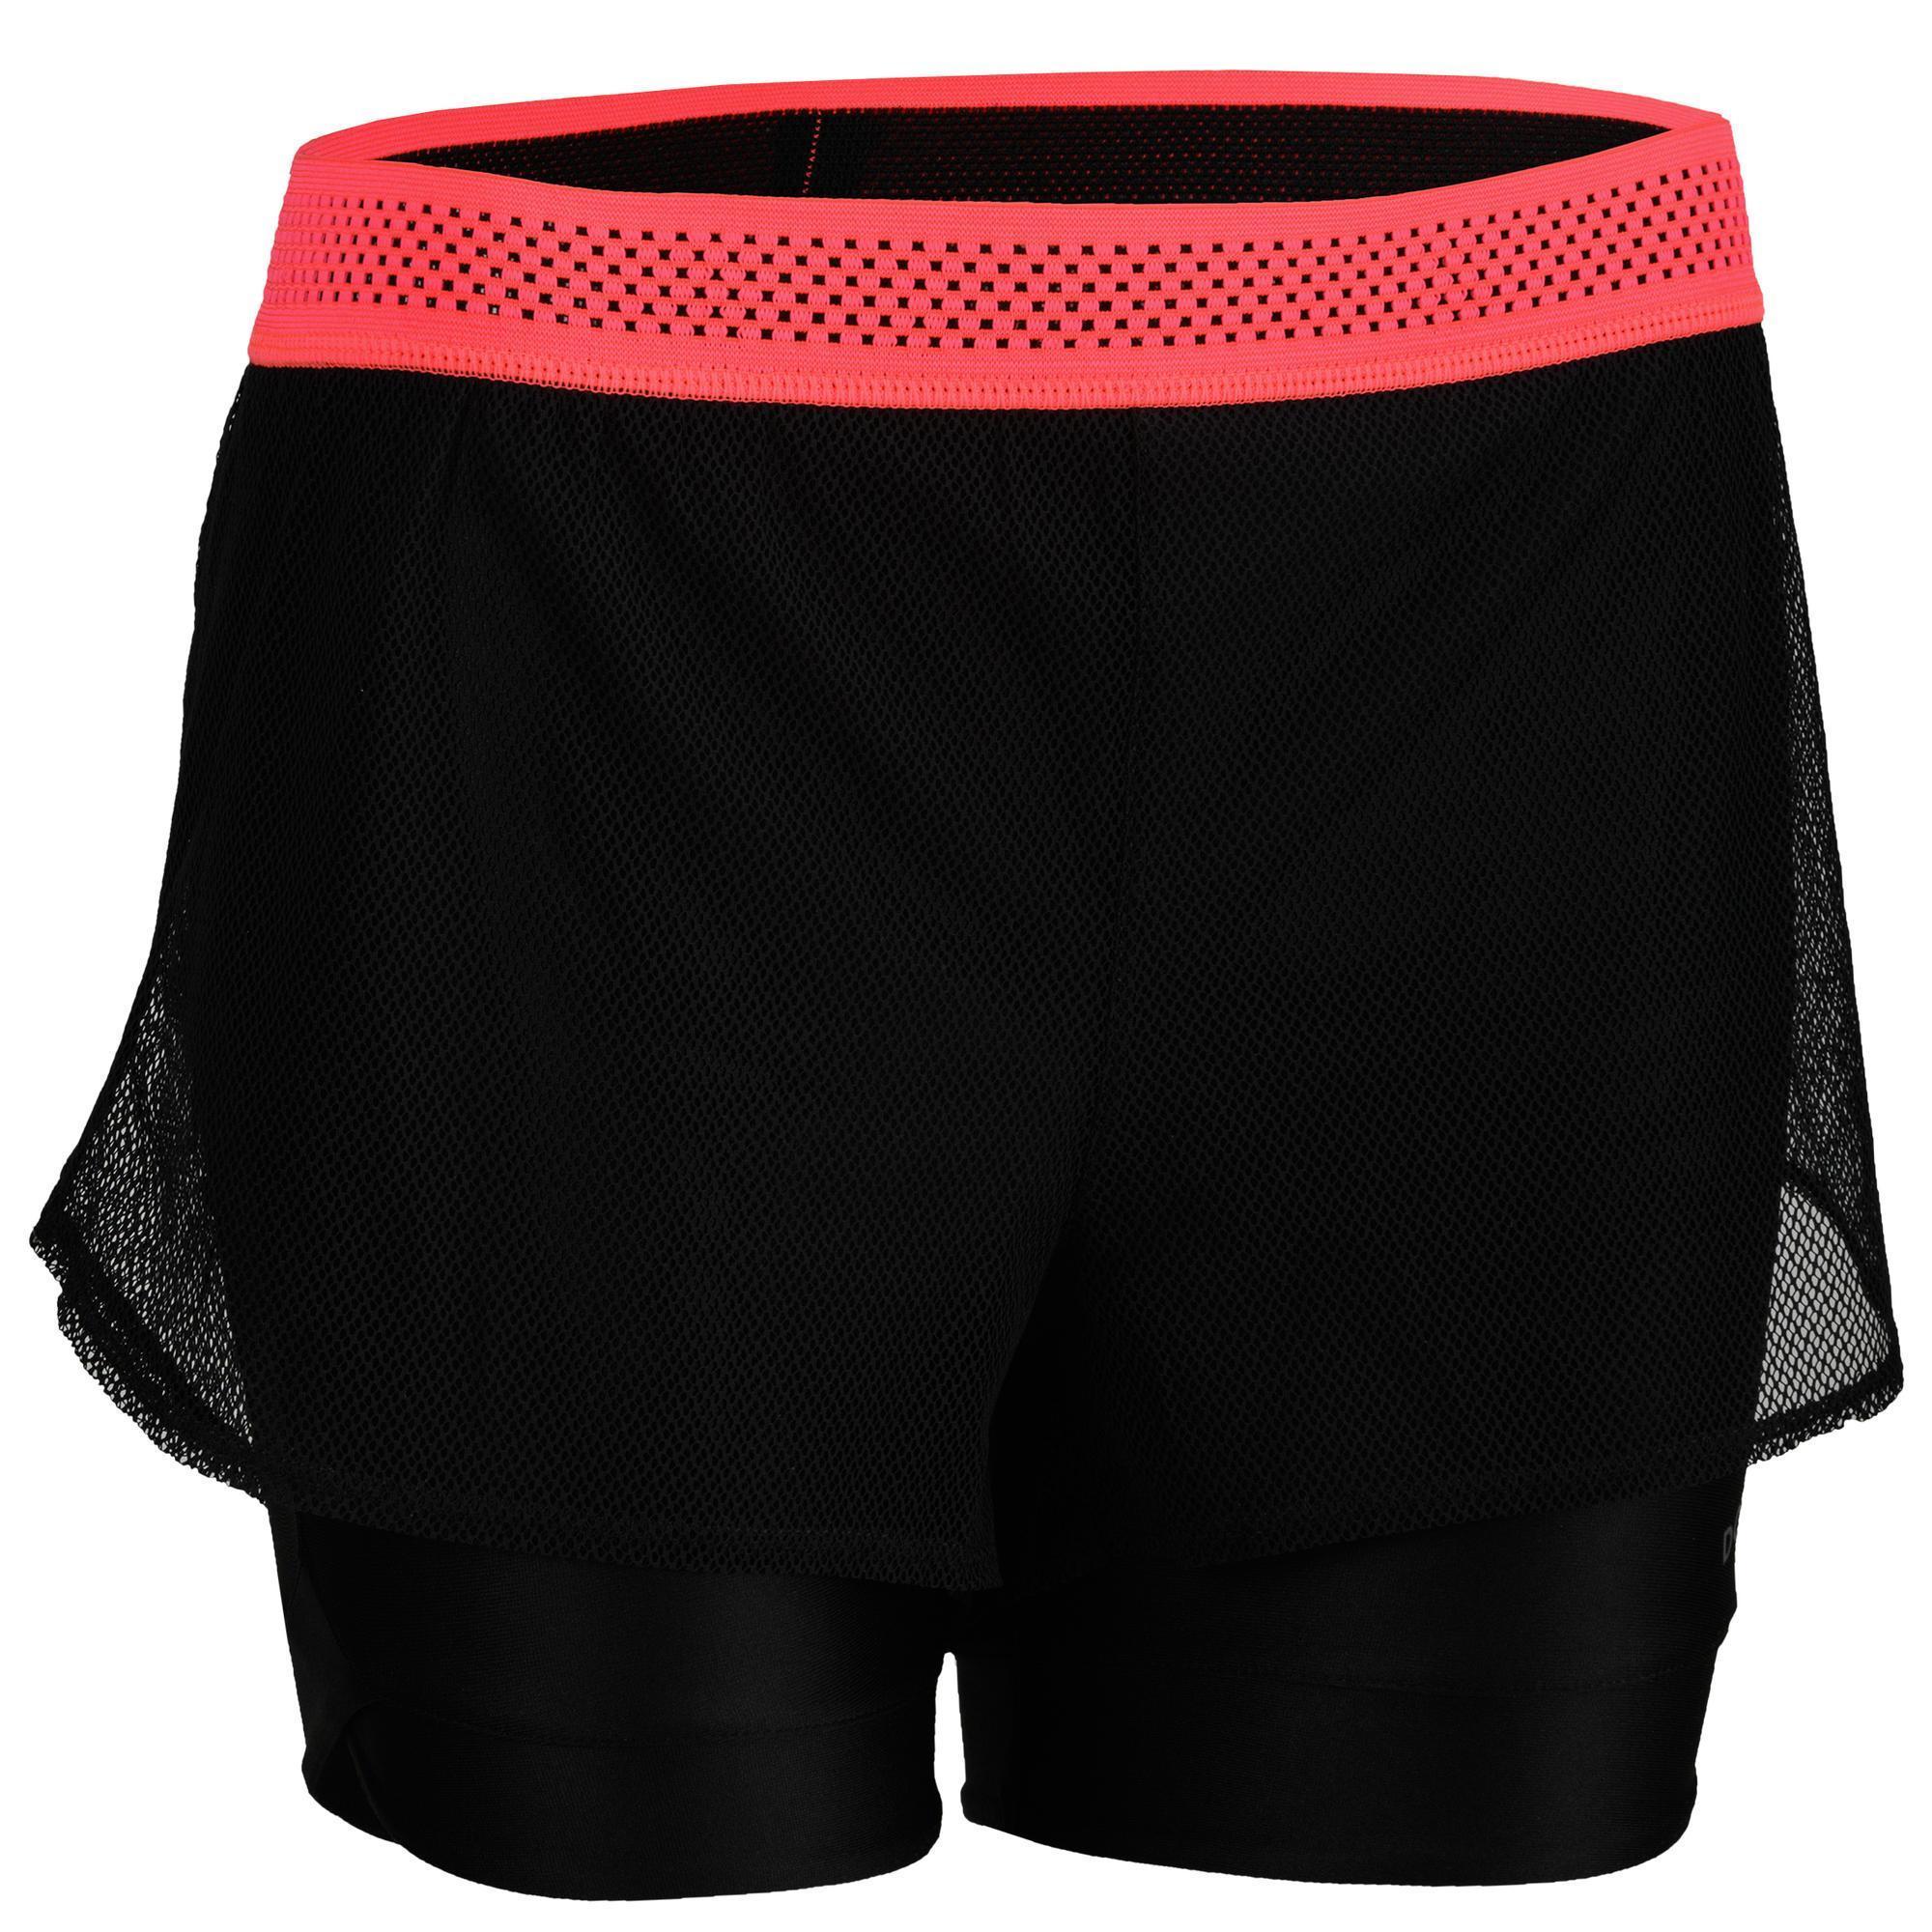 Domyos Sportbroekje fitness 520 voor dames kopen? Leest dit eerst: Fitness kleding Fitness short met korting